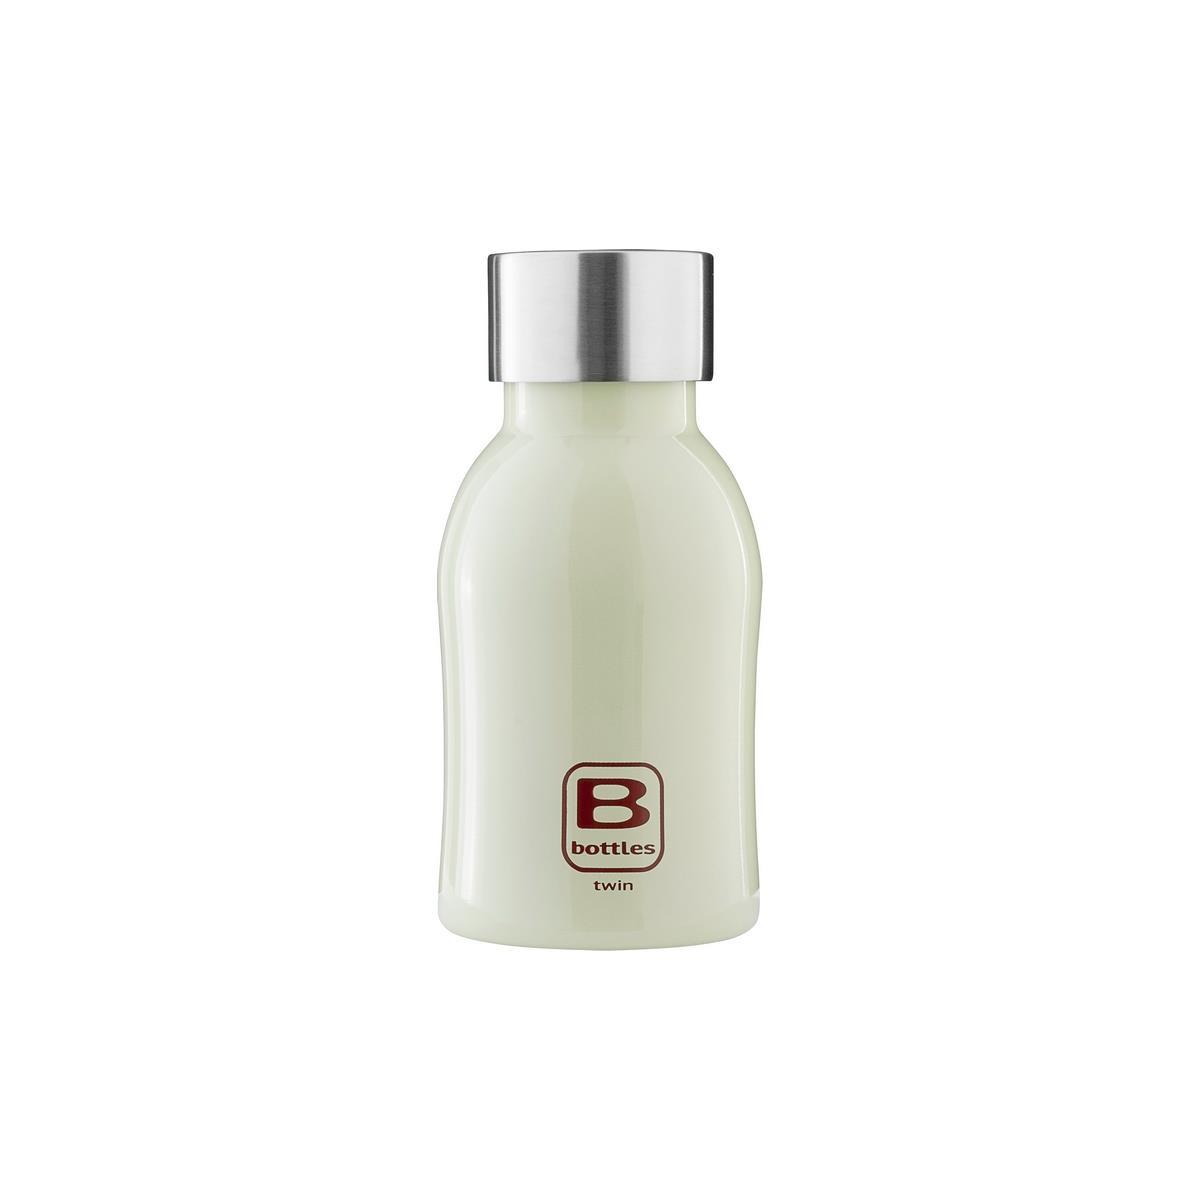 B Bottles Twin - Light Green - 250 ml - Bottiglia Termica a doppia parete in acciaio inox 18/10